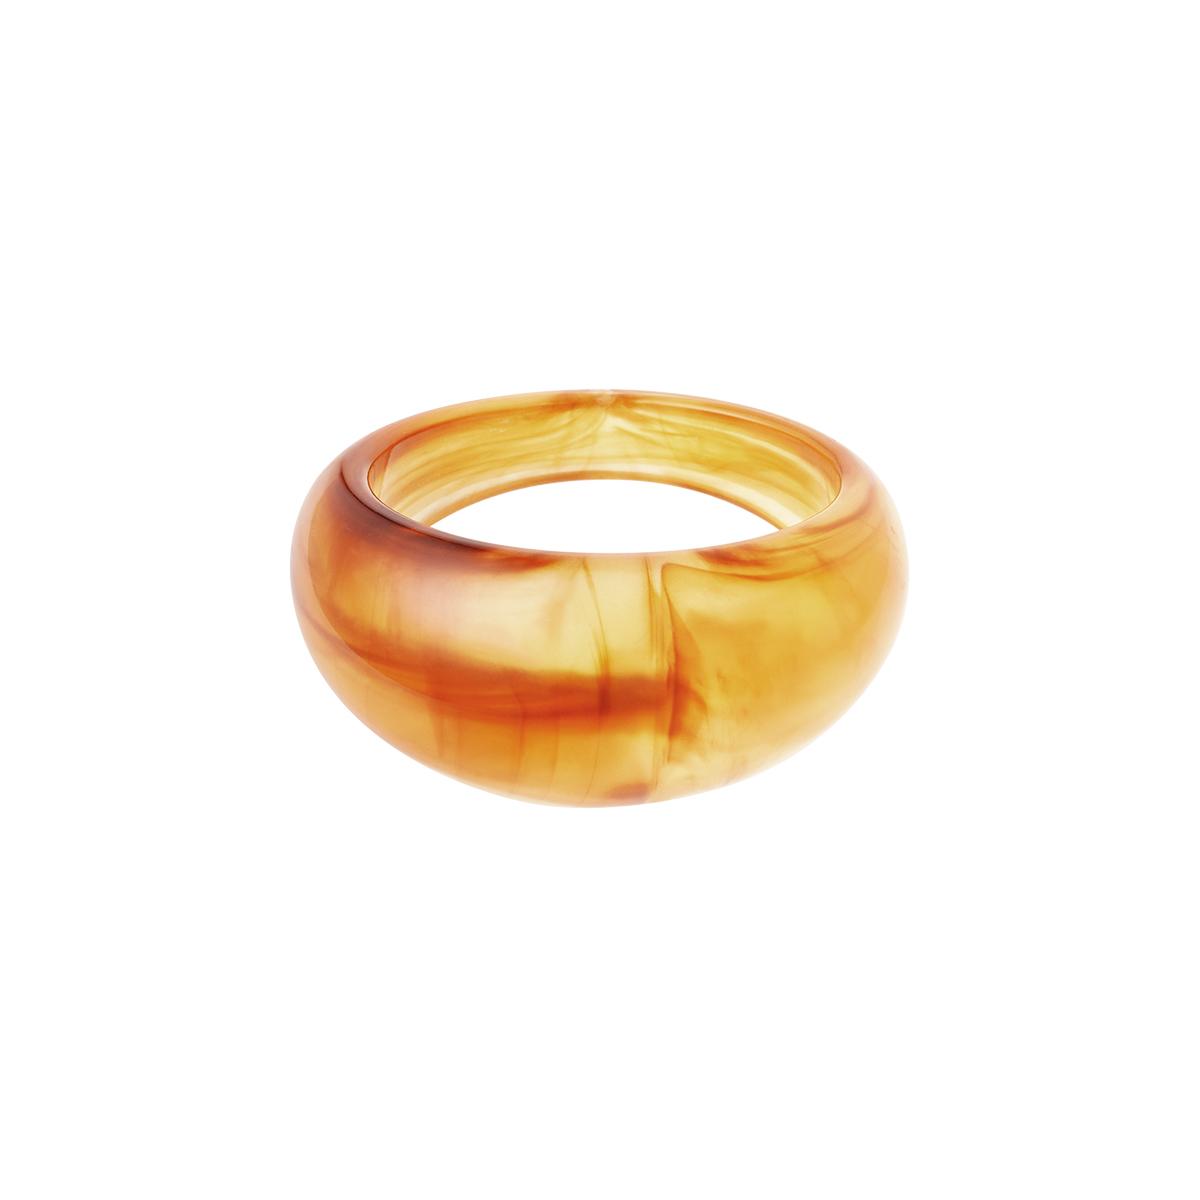 Anillo de resina polivinílica redondo